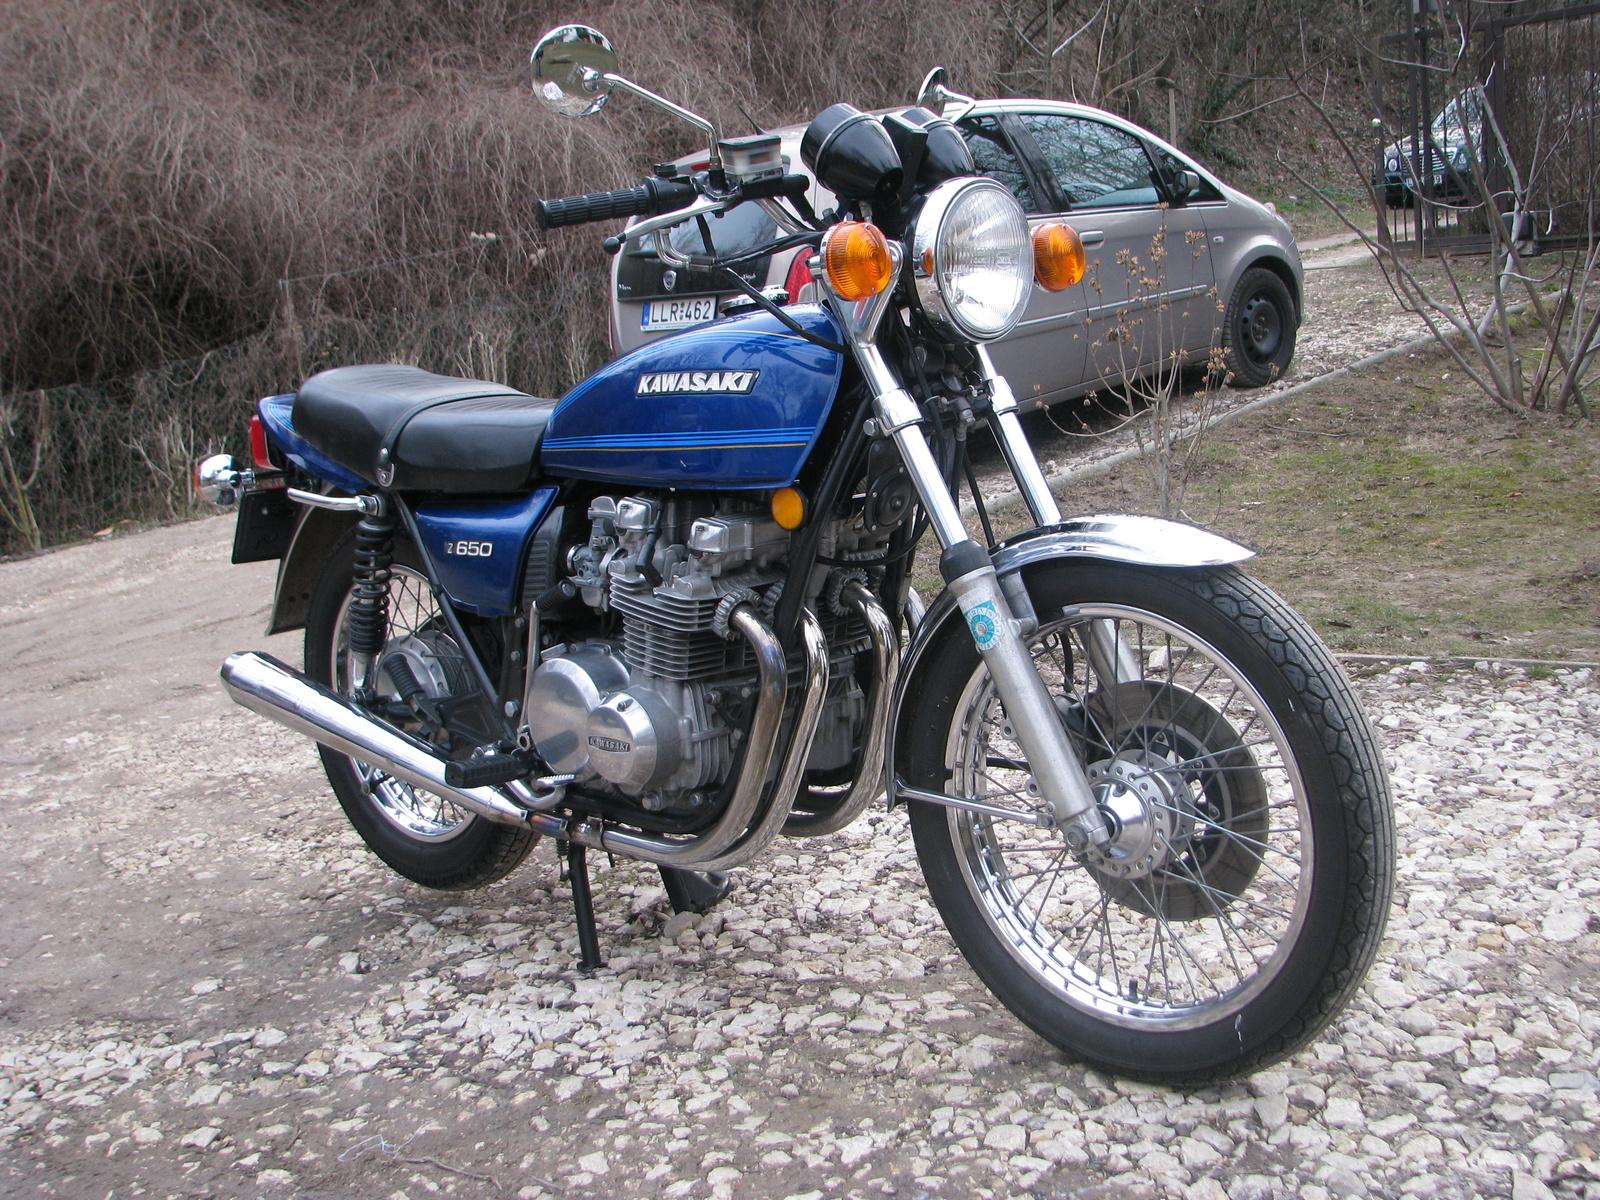 Kawasaki z650 6